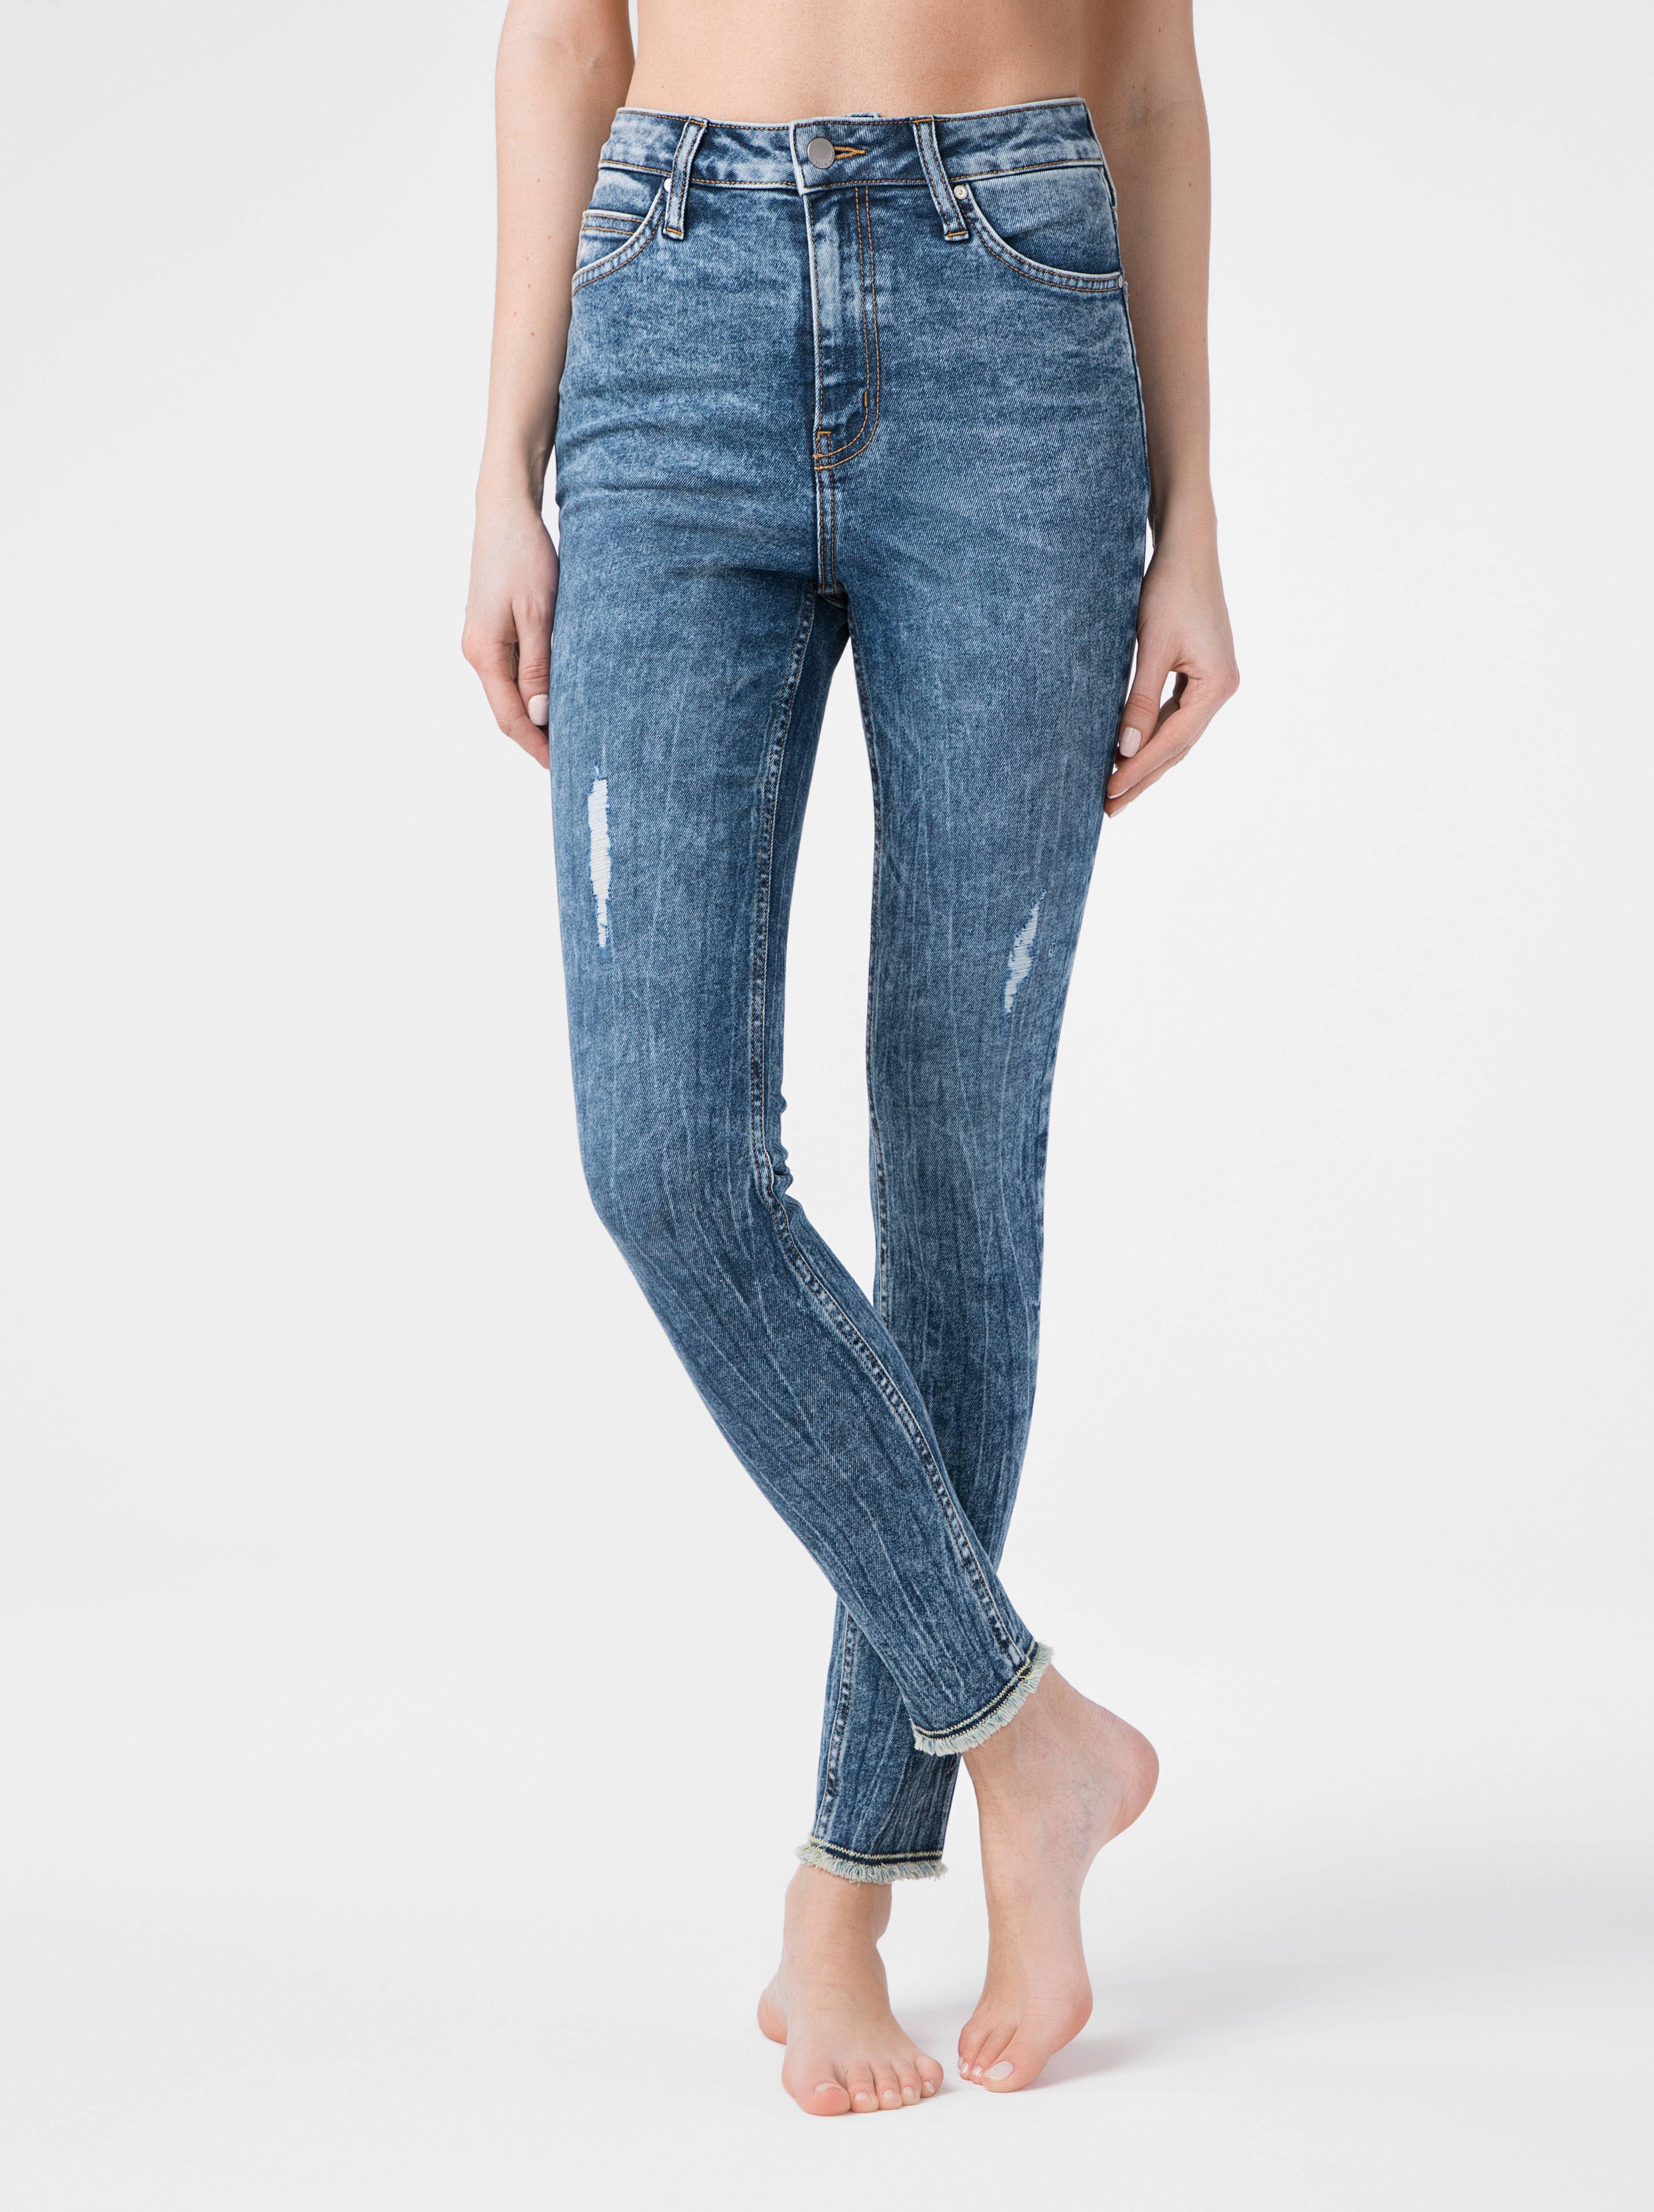 Брюки джинсовые ⭐️ Моделирующие eco-friendly джинсы skinny c супервысокой посадкой CON-176 Lycra® ⭐️